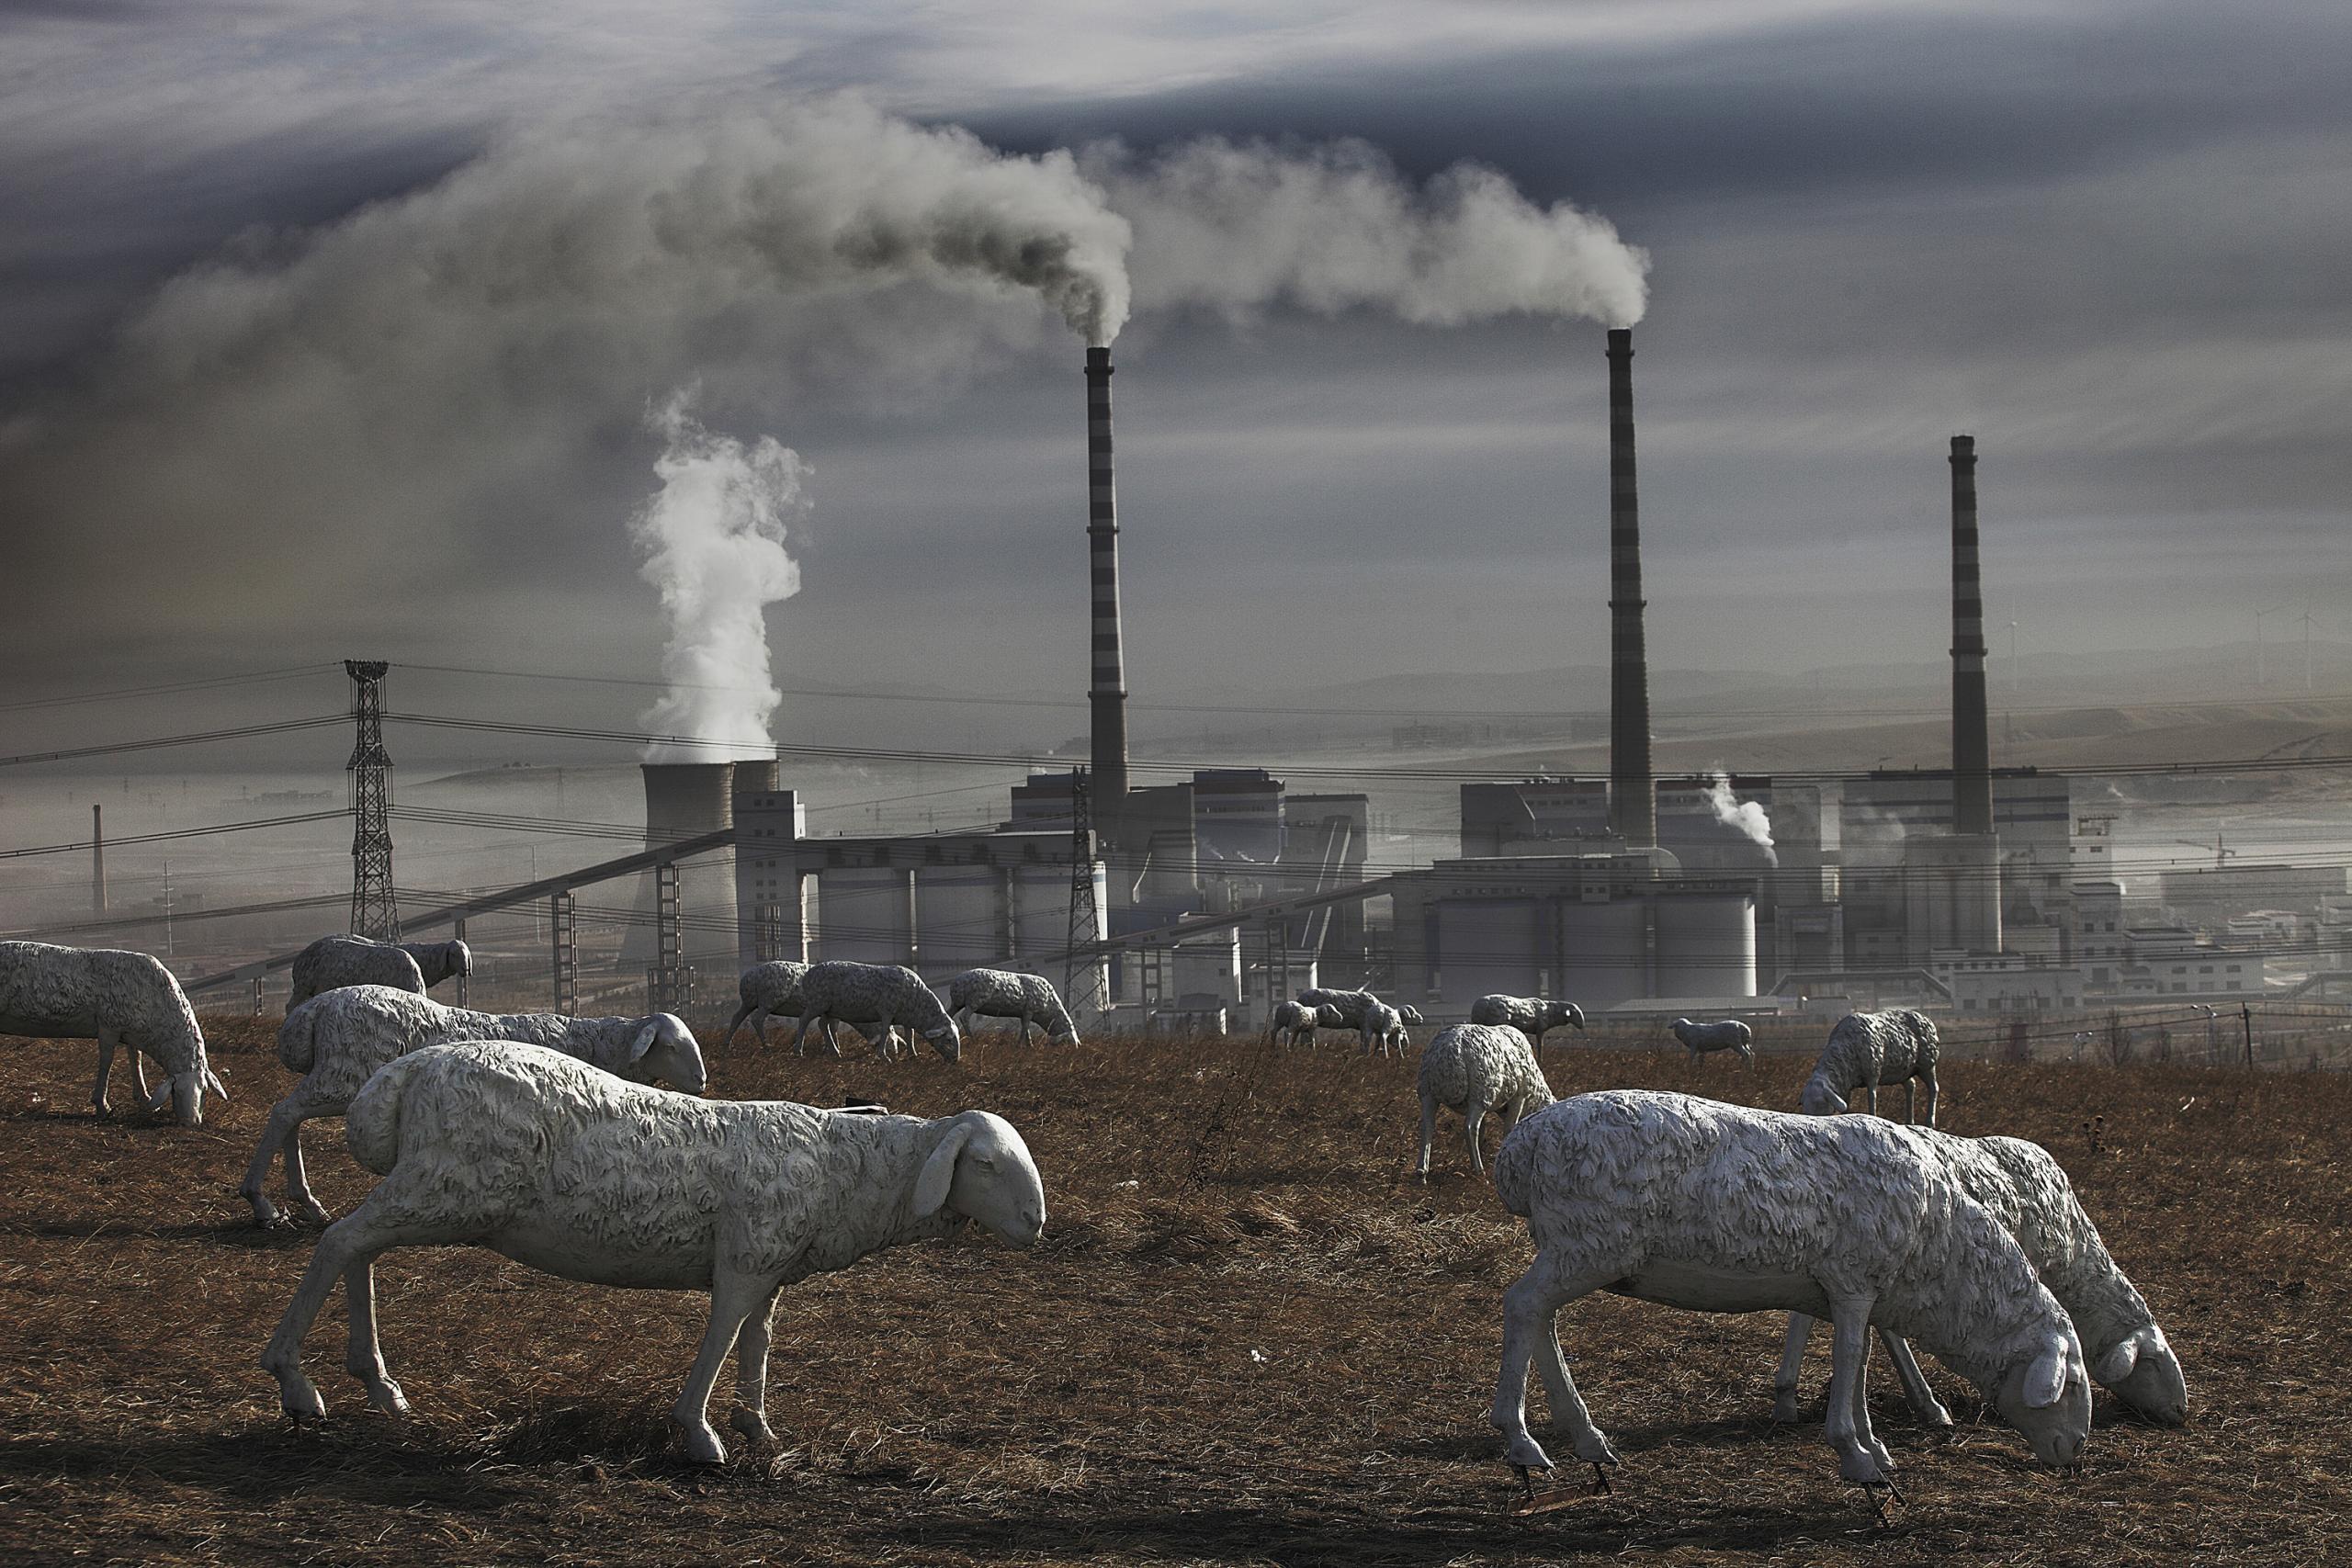 китай экологические проблемы фото